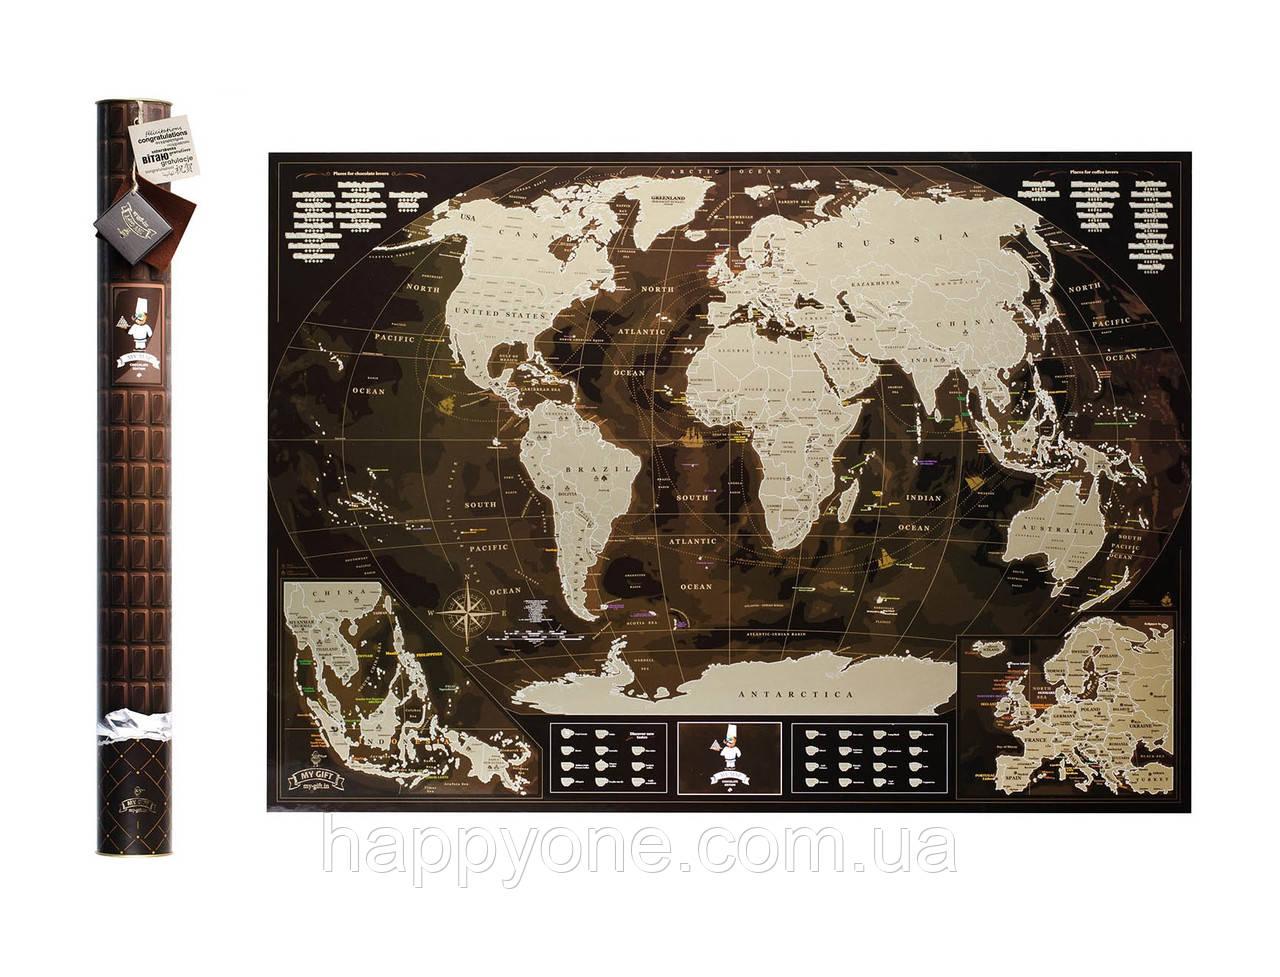 Стирающаяся скретч карта мира My Map Chocolate edition (английский язык) в тубусе